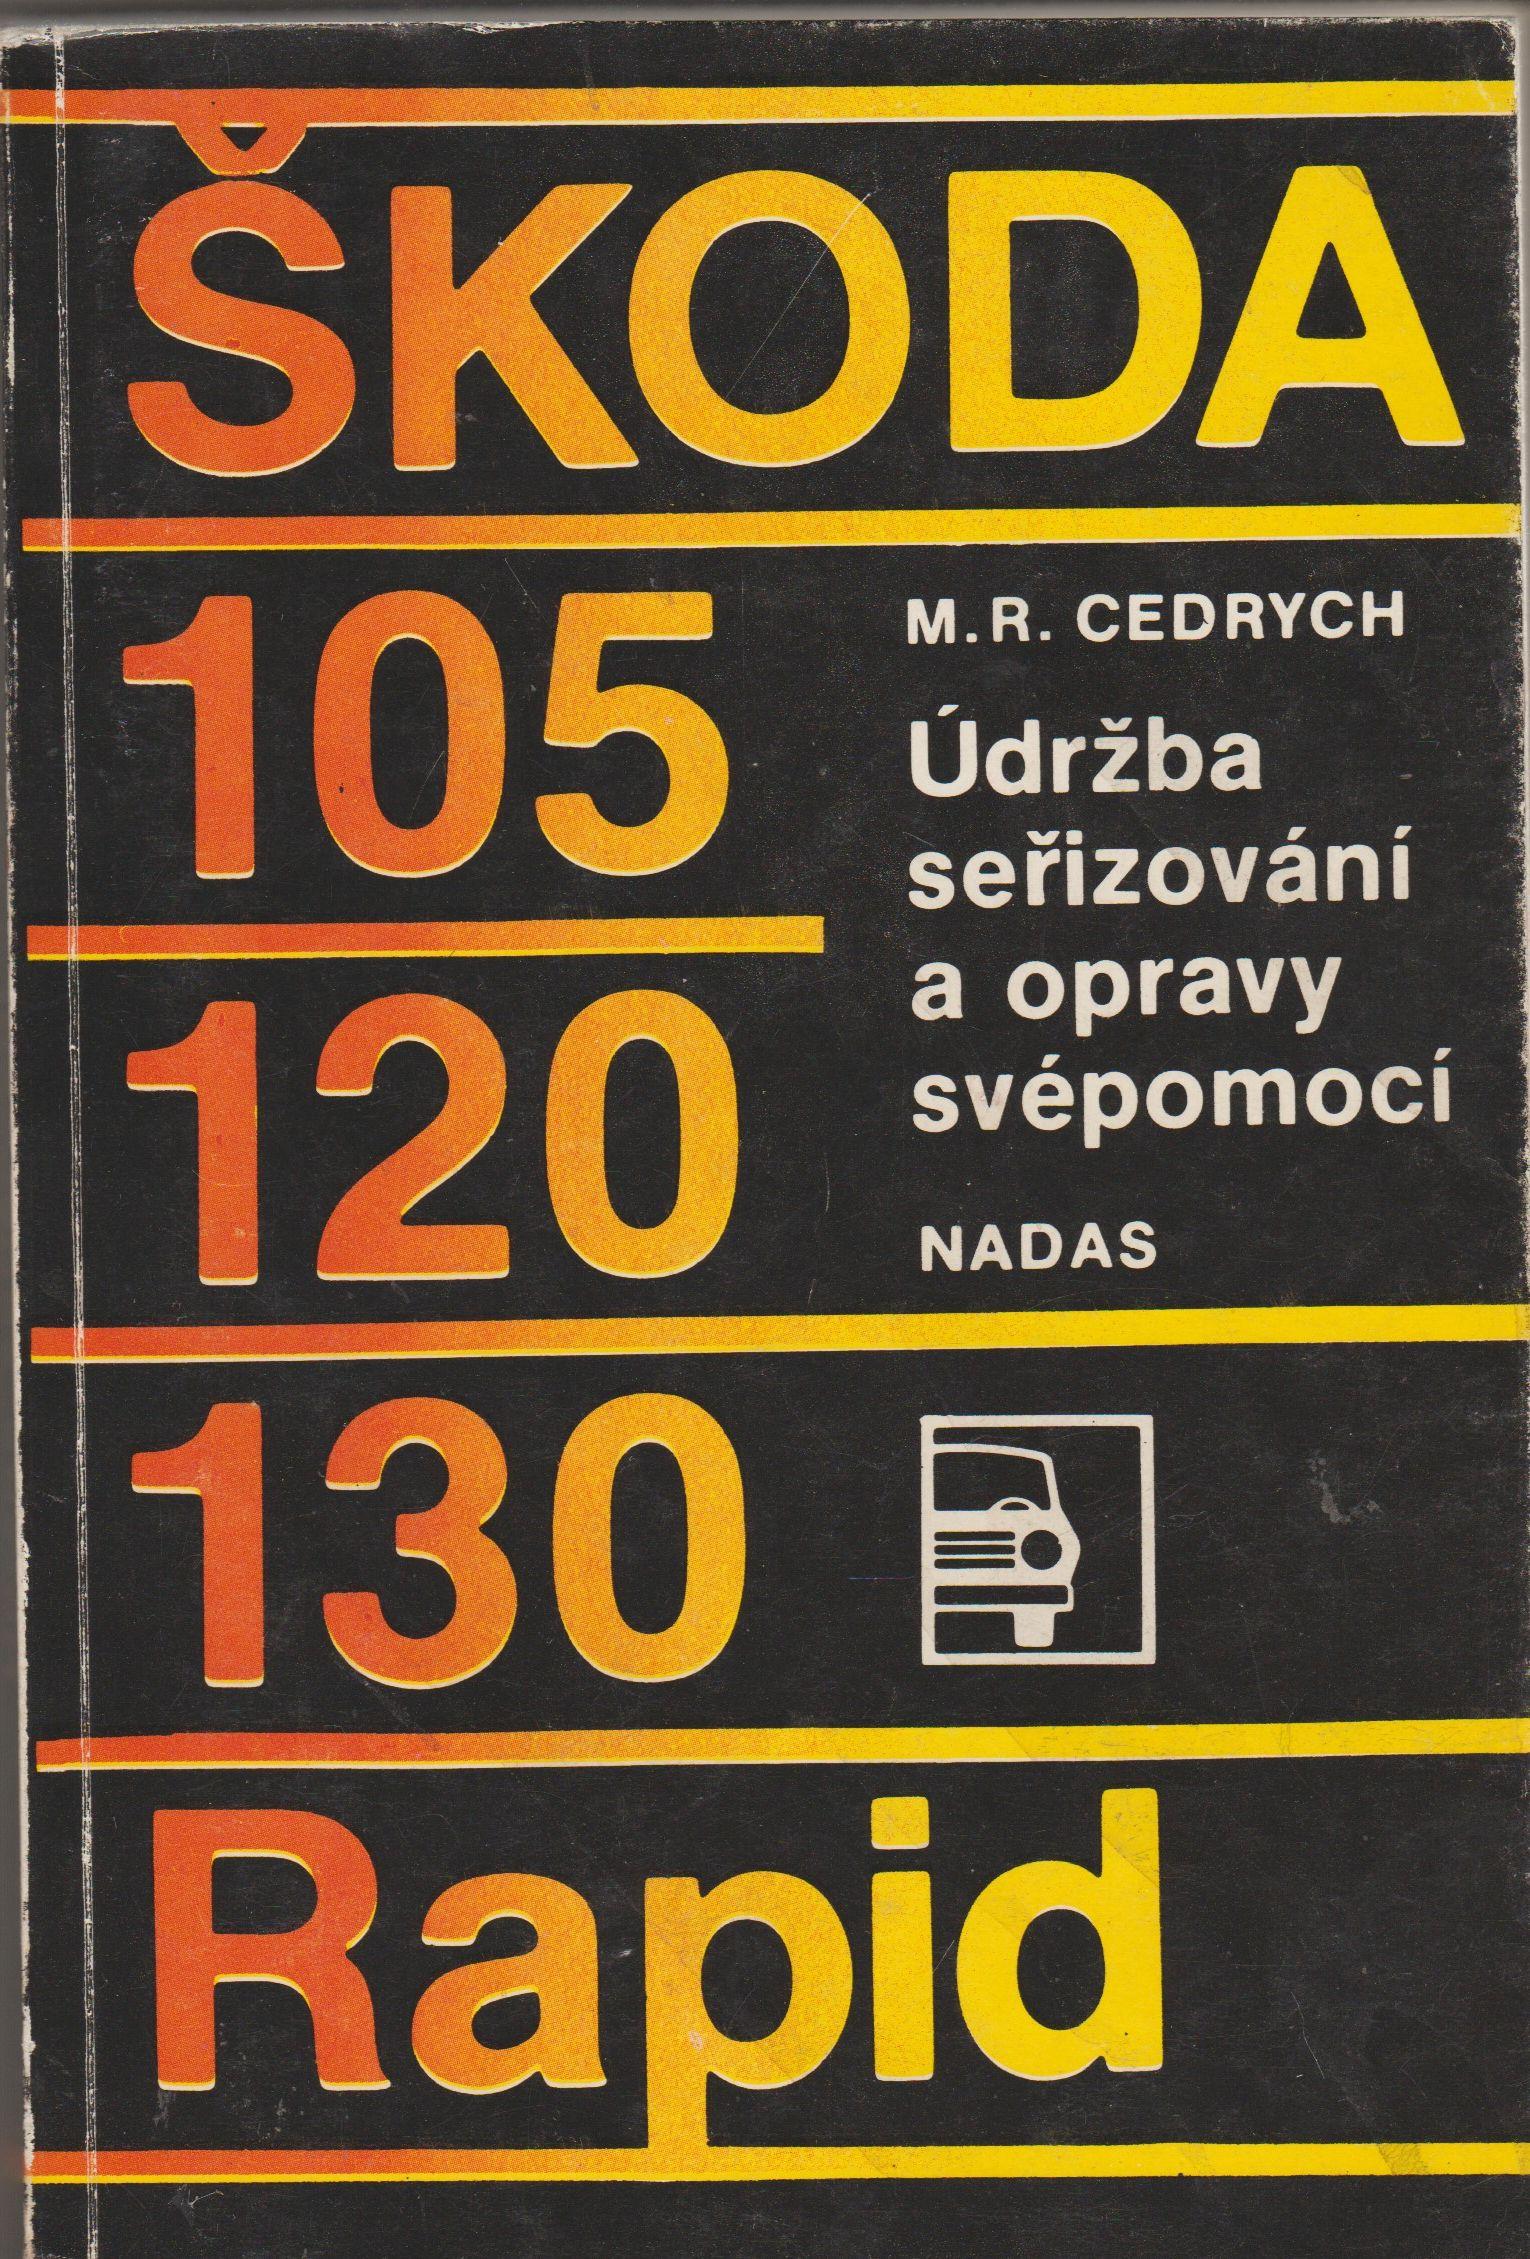 Škoda 105, 120, 130, Rapid - M. R. Cedrych